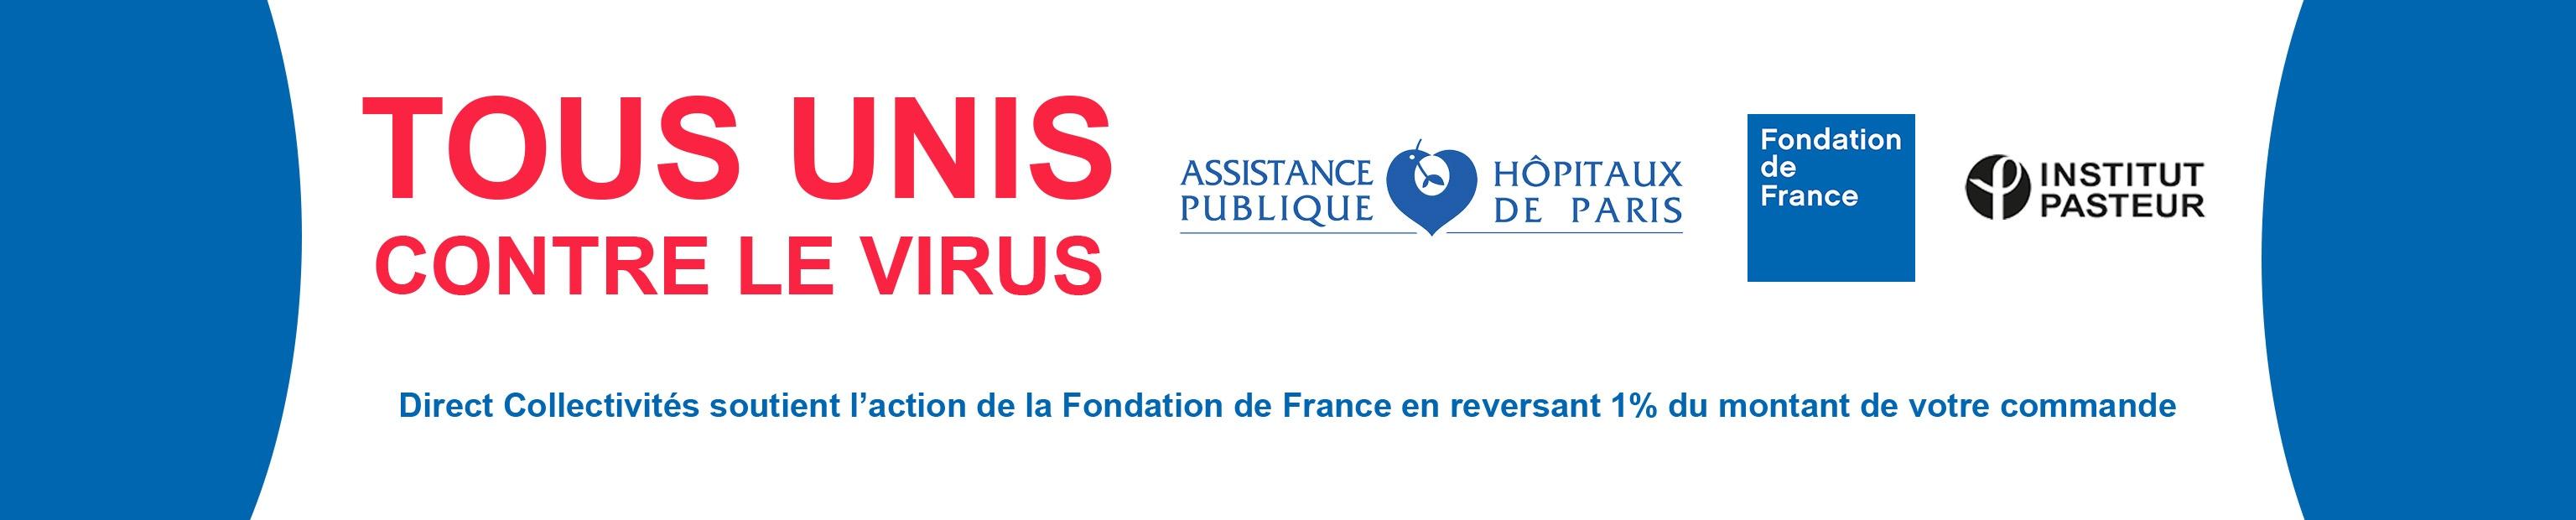 Direct Collectivités soutient les actions de la Fondation de France en reversant 1% de vos commandes